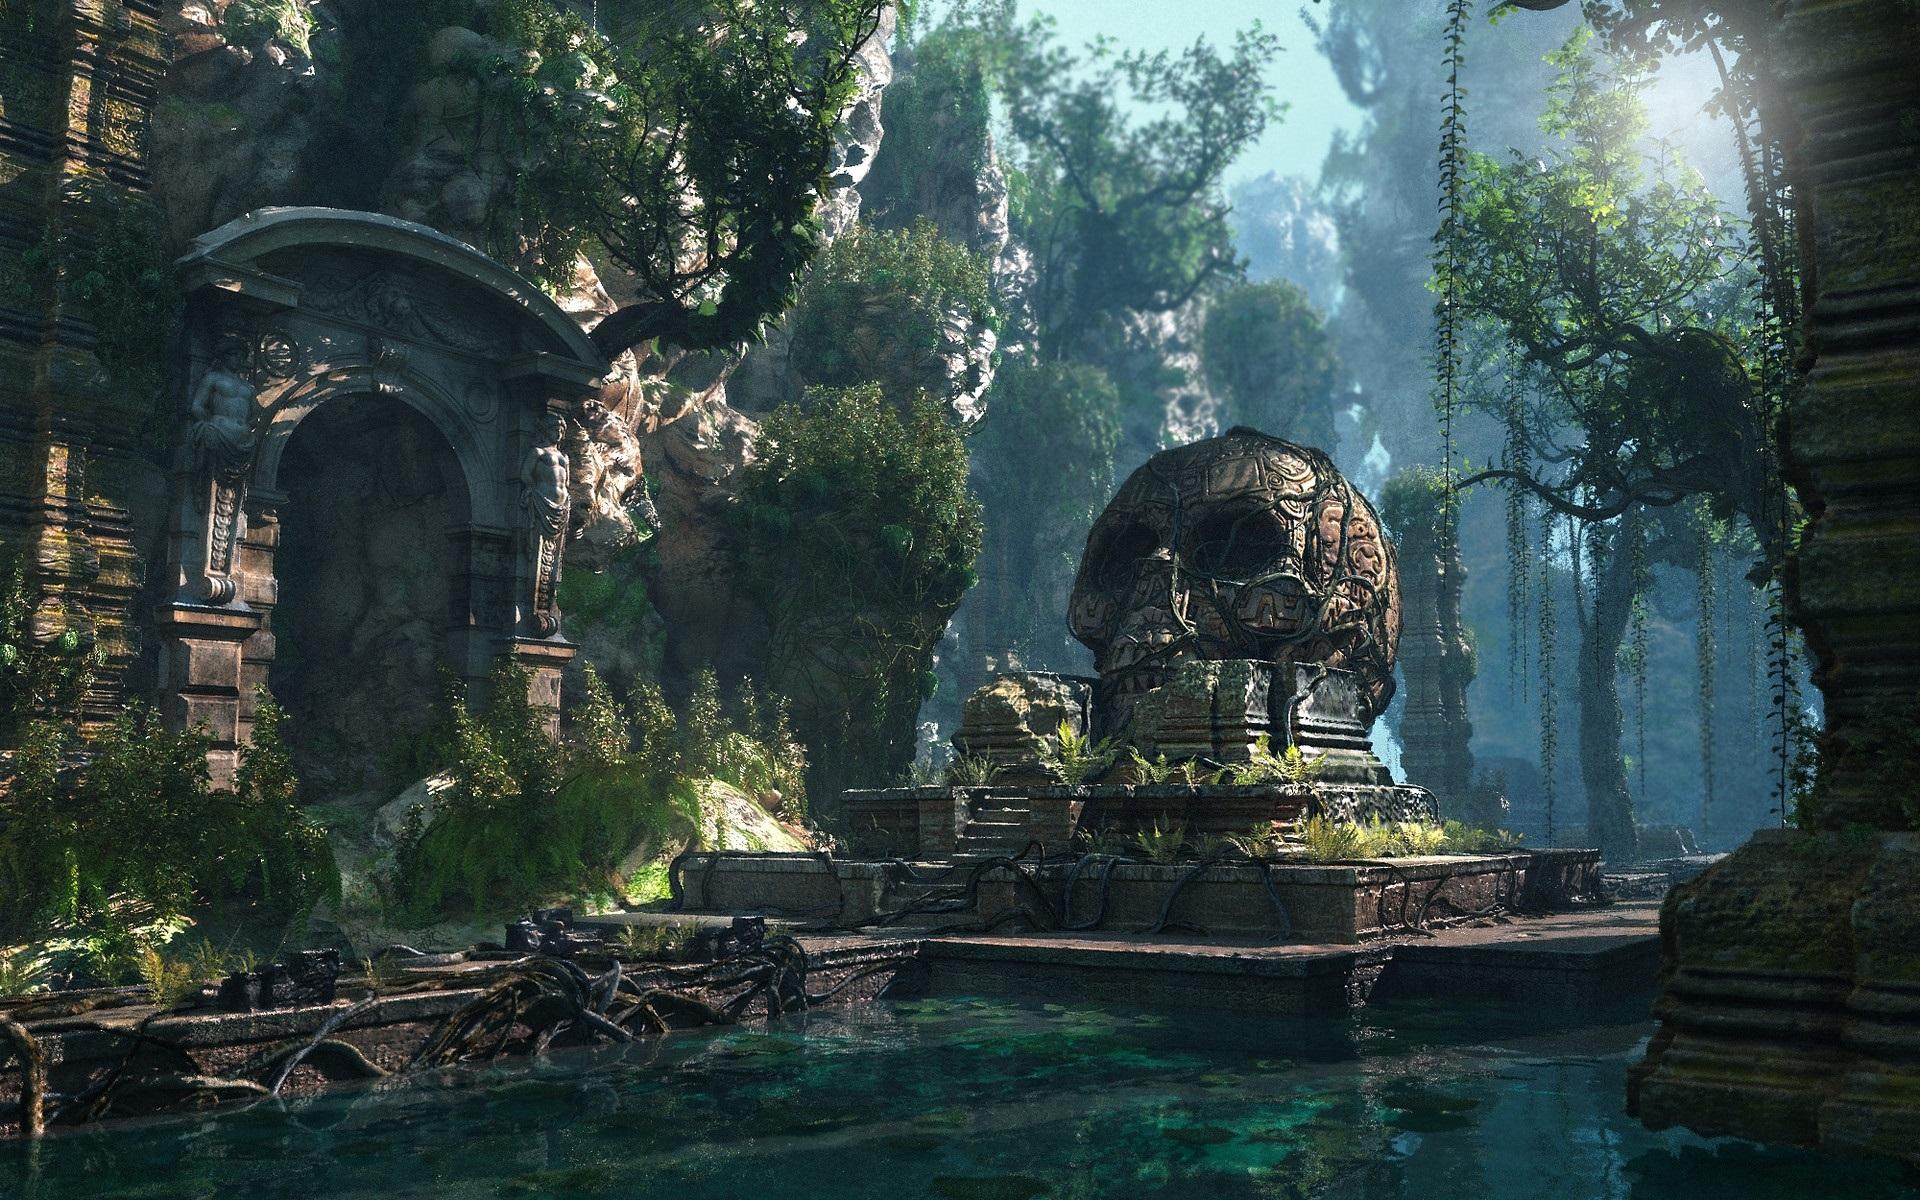 壁紙 失われた文明 頭蓋骨 池 森林 Pcゲーム 19x10 Hd 無料のデスクトップの背景 画像